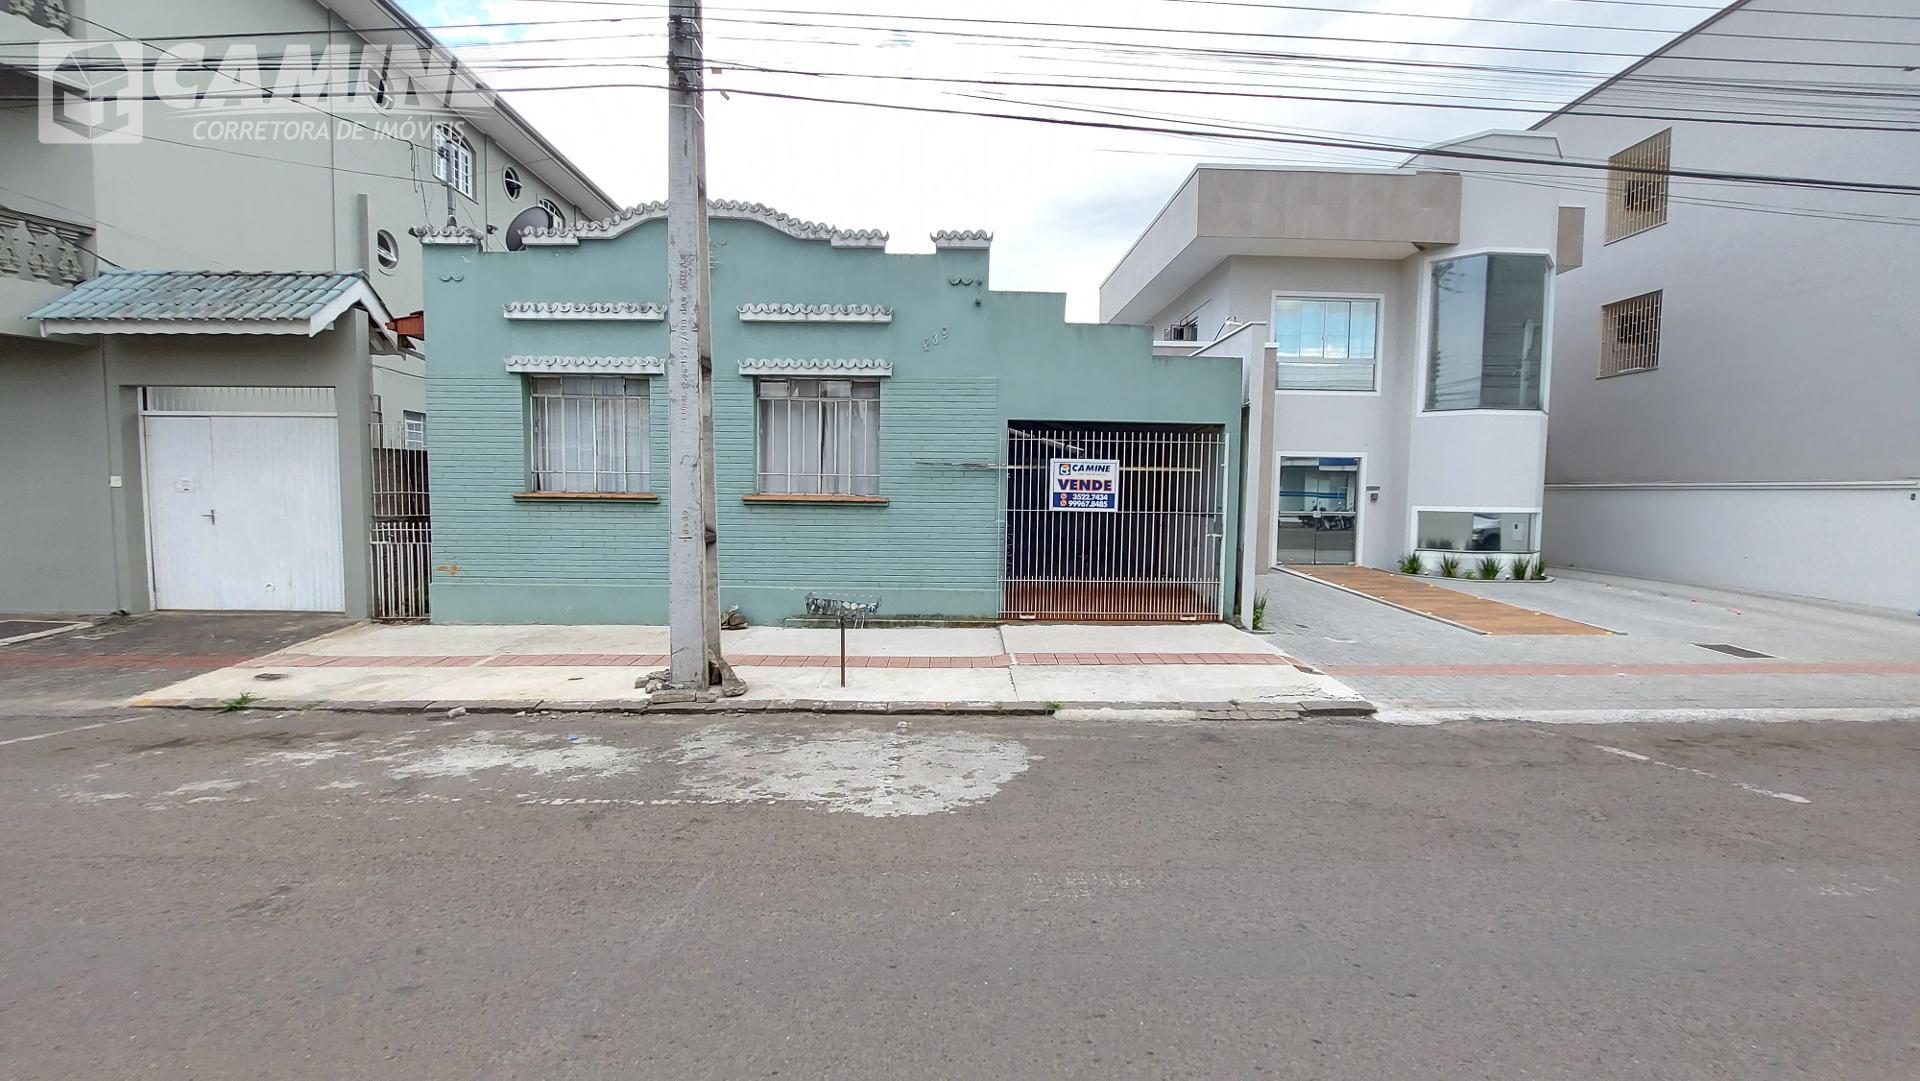 CASA NO CENTRO DE UNIÃO DA VITÓRIA! - UNIAO DA VITORIA/PR